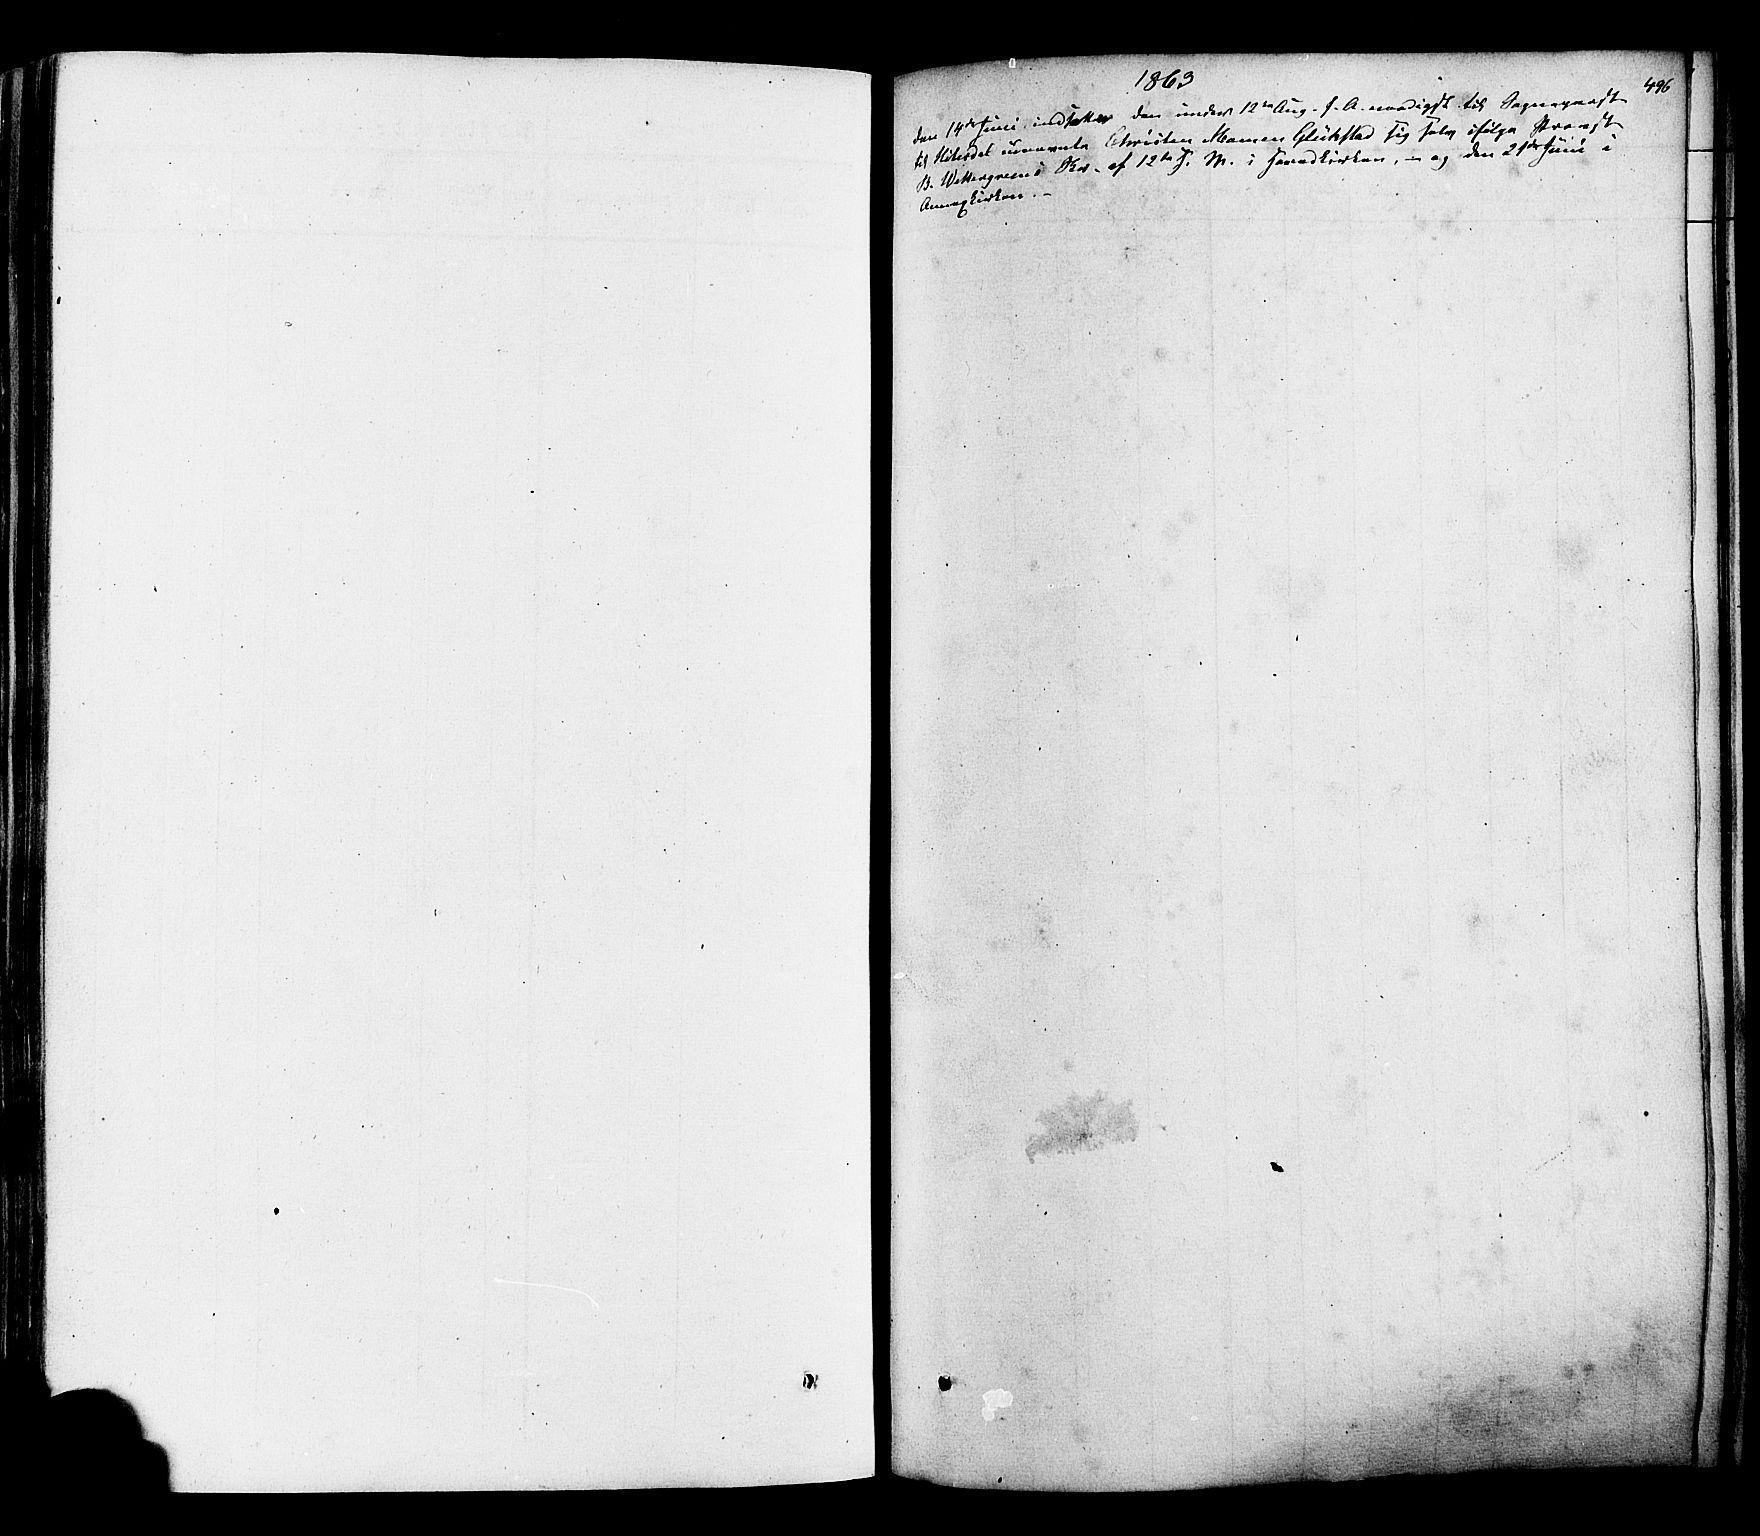 SAKO, Heddal kirkebøker, F/Fa/L0007: Ministerialbok nr. I 7, 1855-1877, s. 496